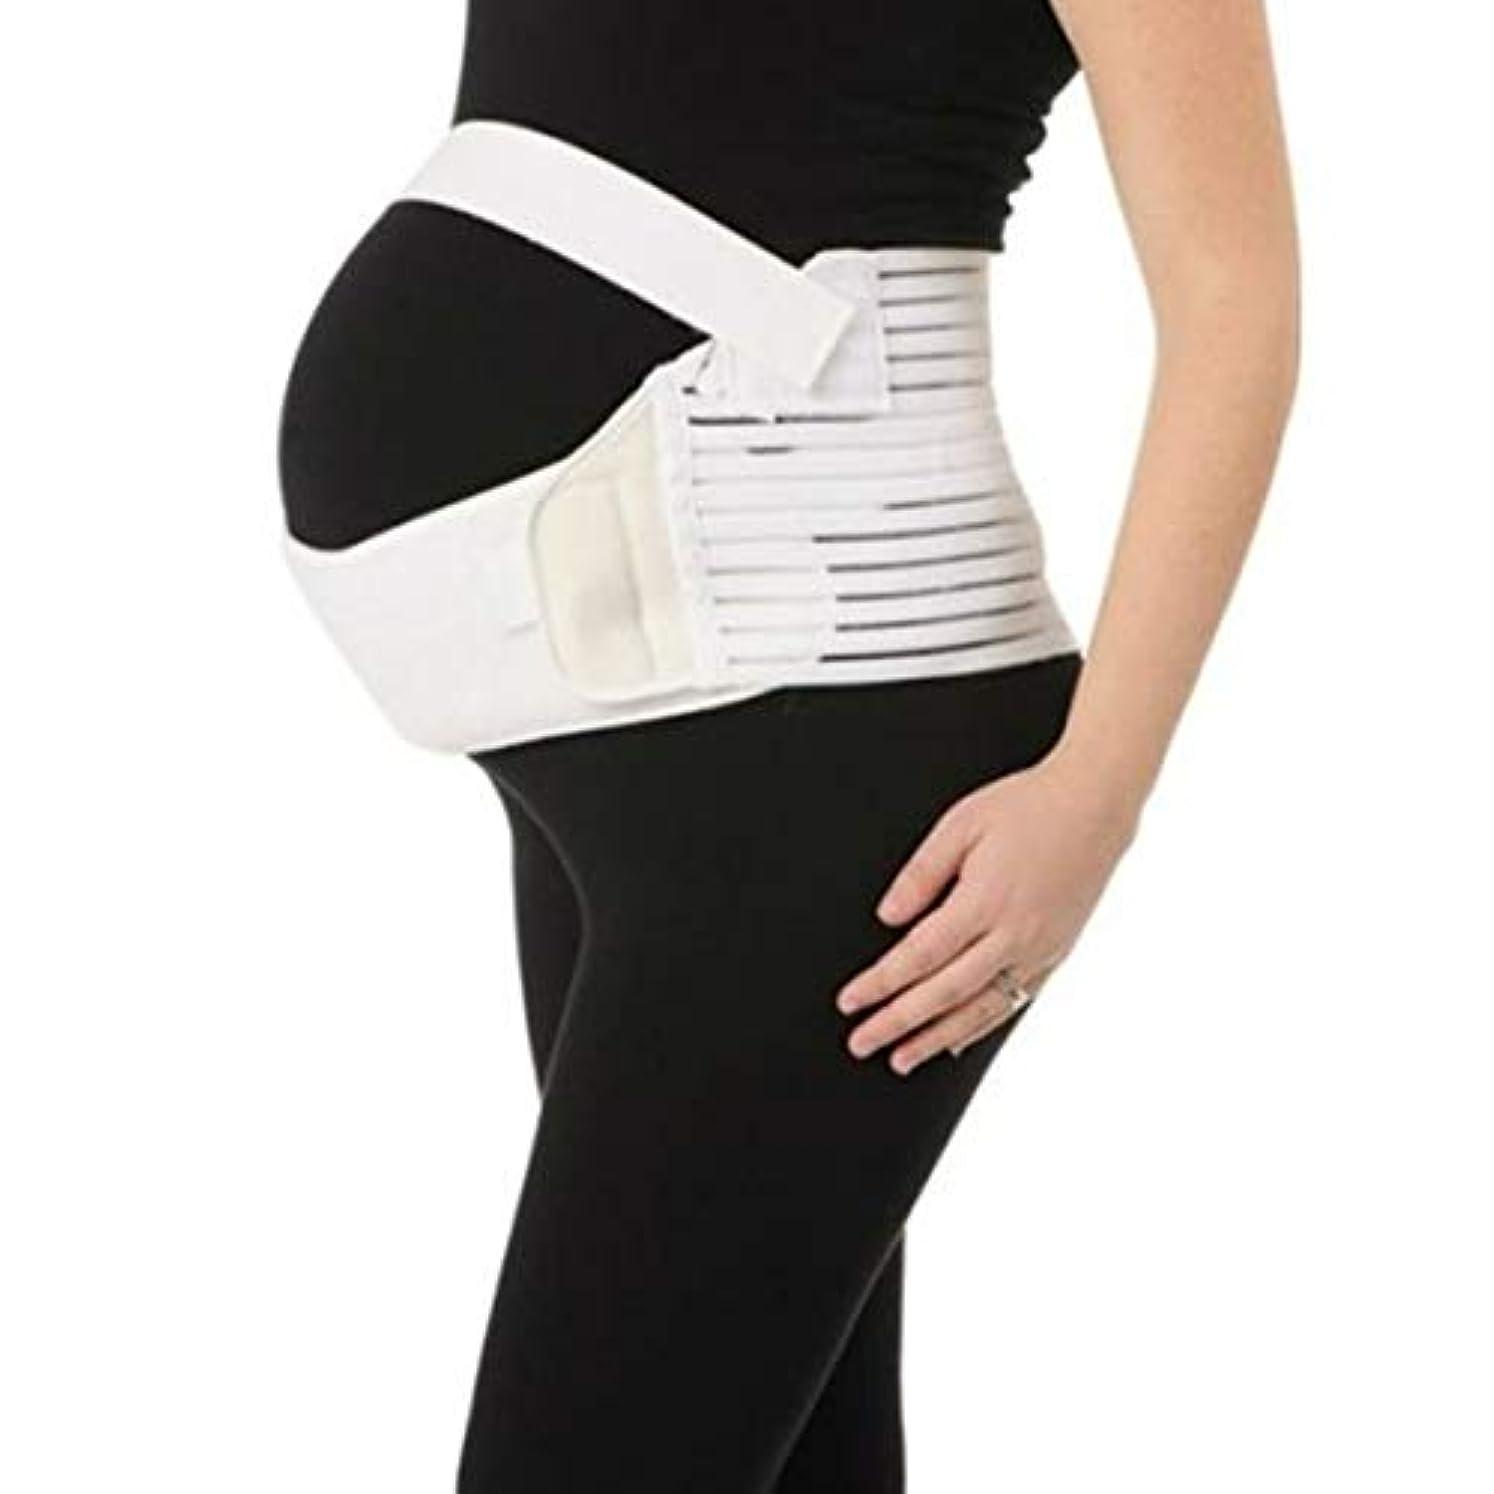 大気権利を与えるタイピスト通気性マタニティベルト妊娠腹部サポート腹部バインダーガードル運動包帯産後回復形状ウェア - ホワイトXL